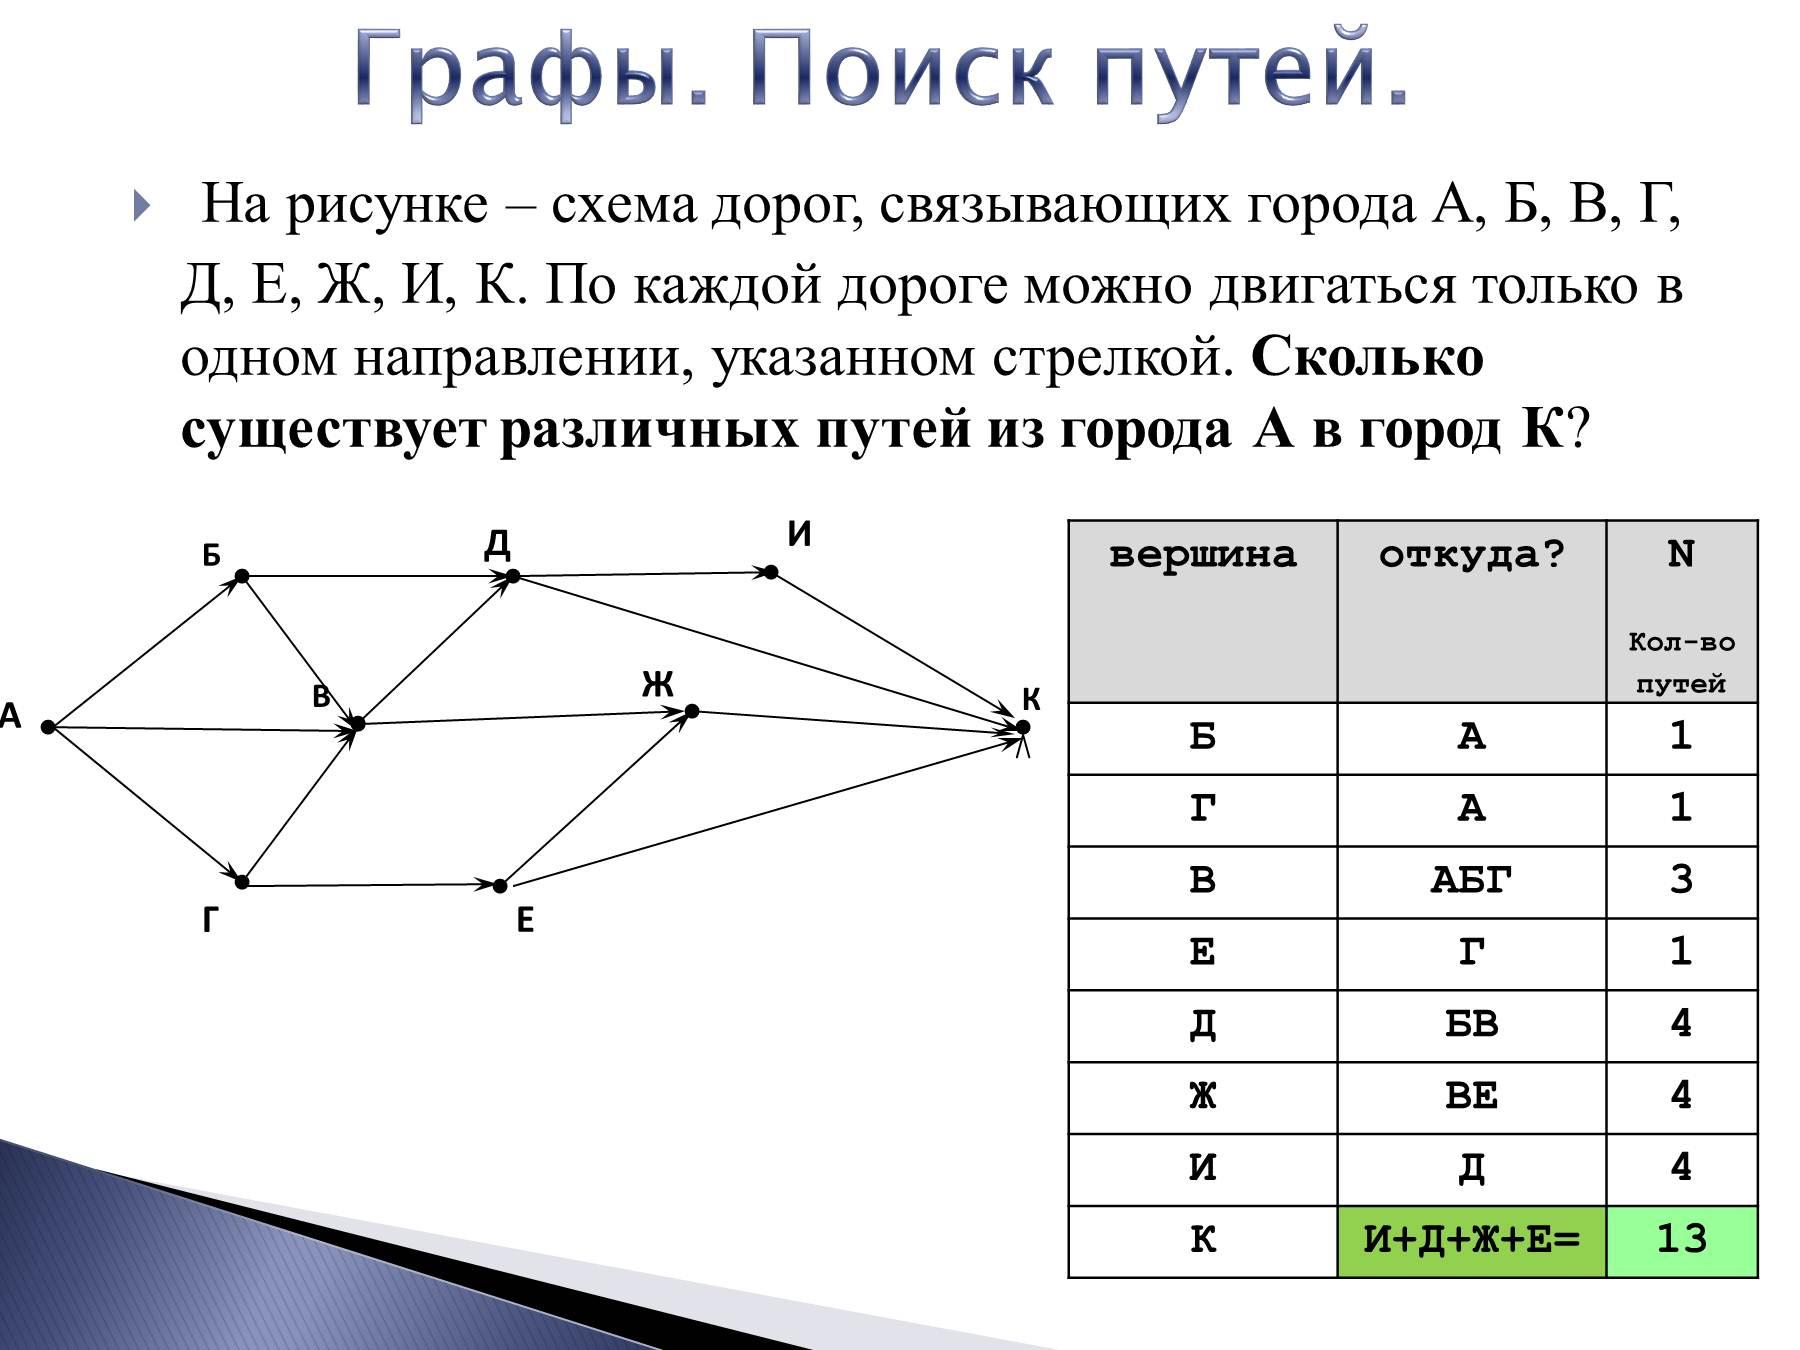 Изображена схема на рисунке